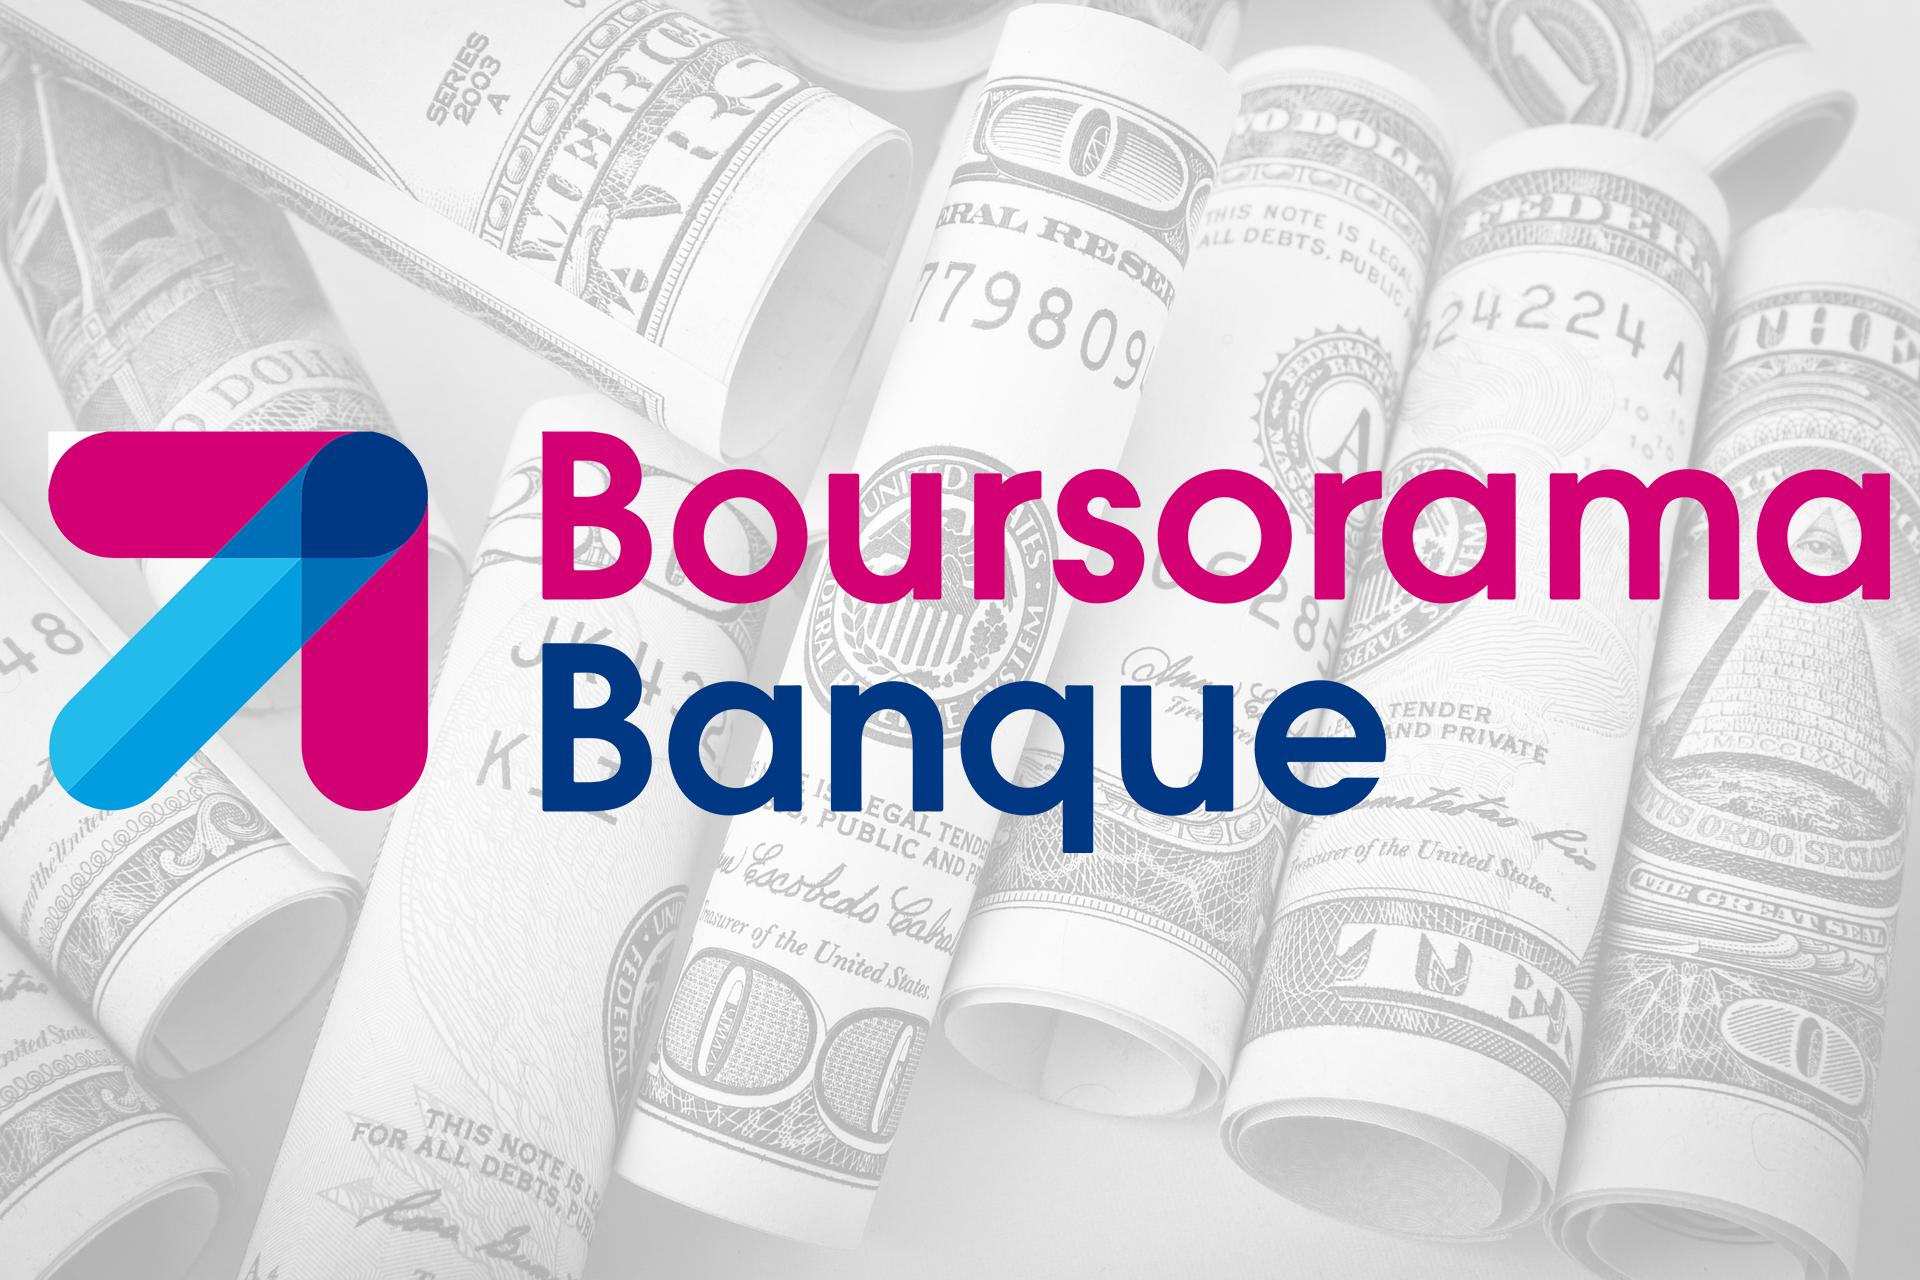 boursorama banque logo-optimisationsetbonsplans